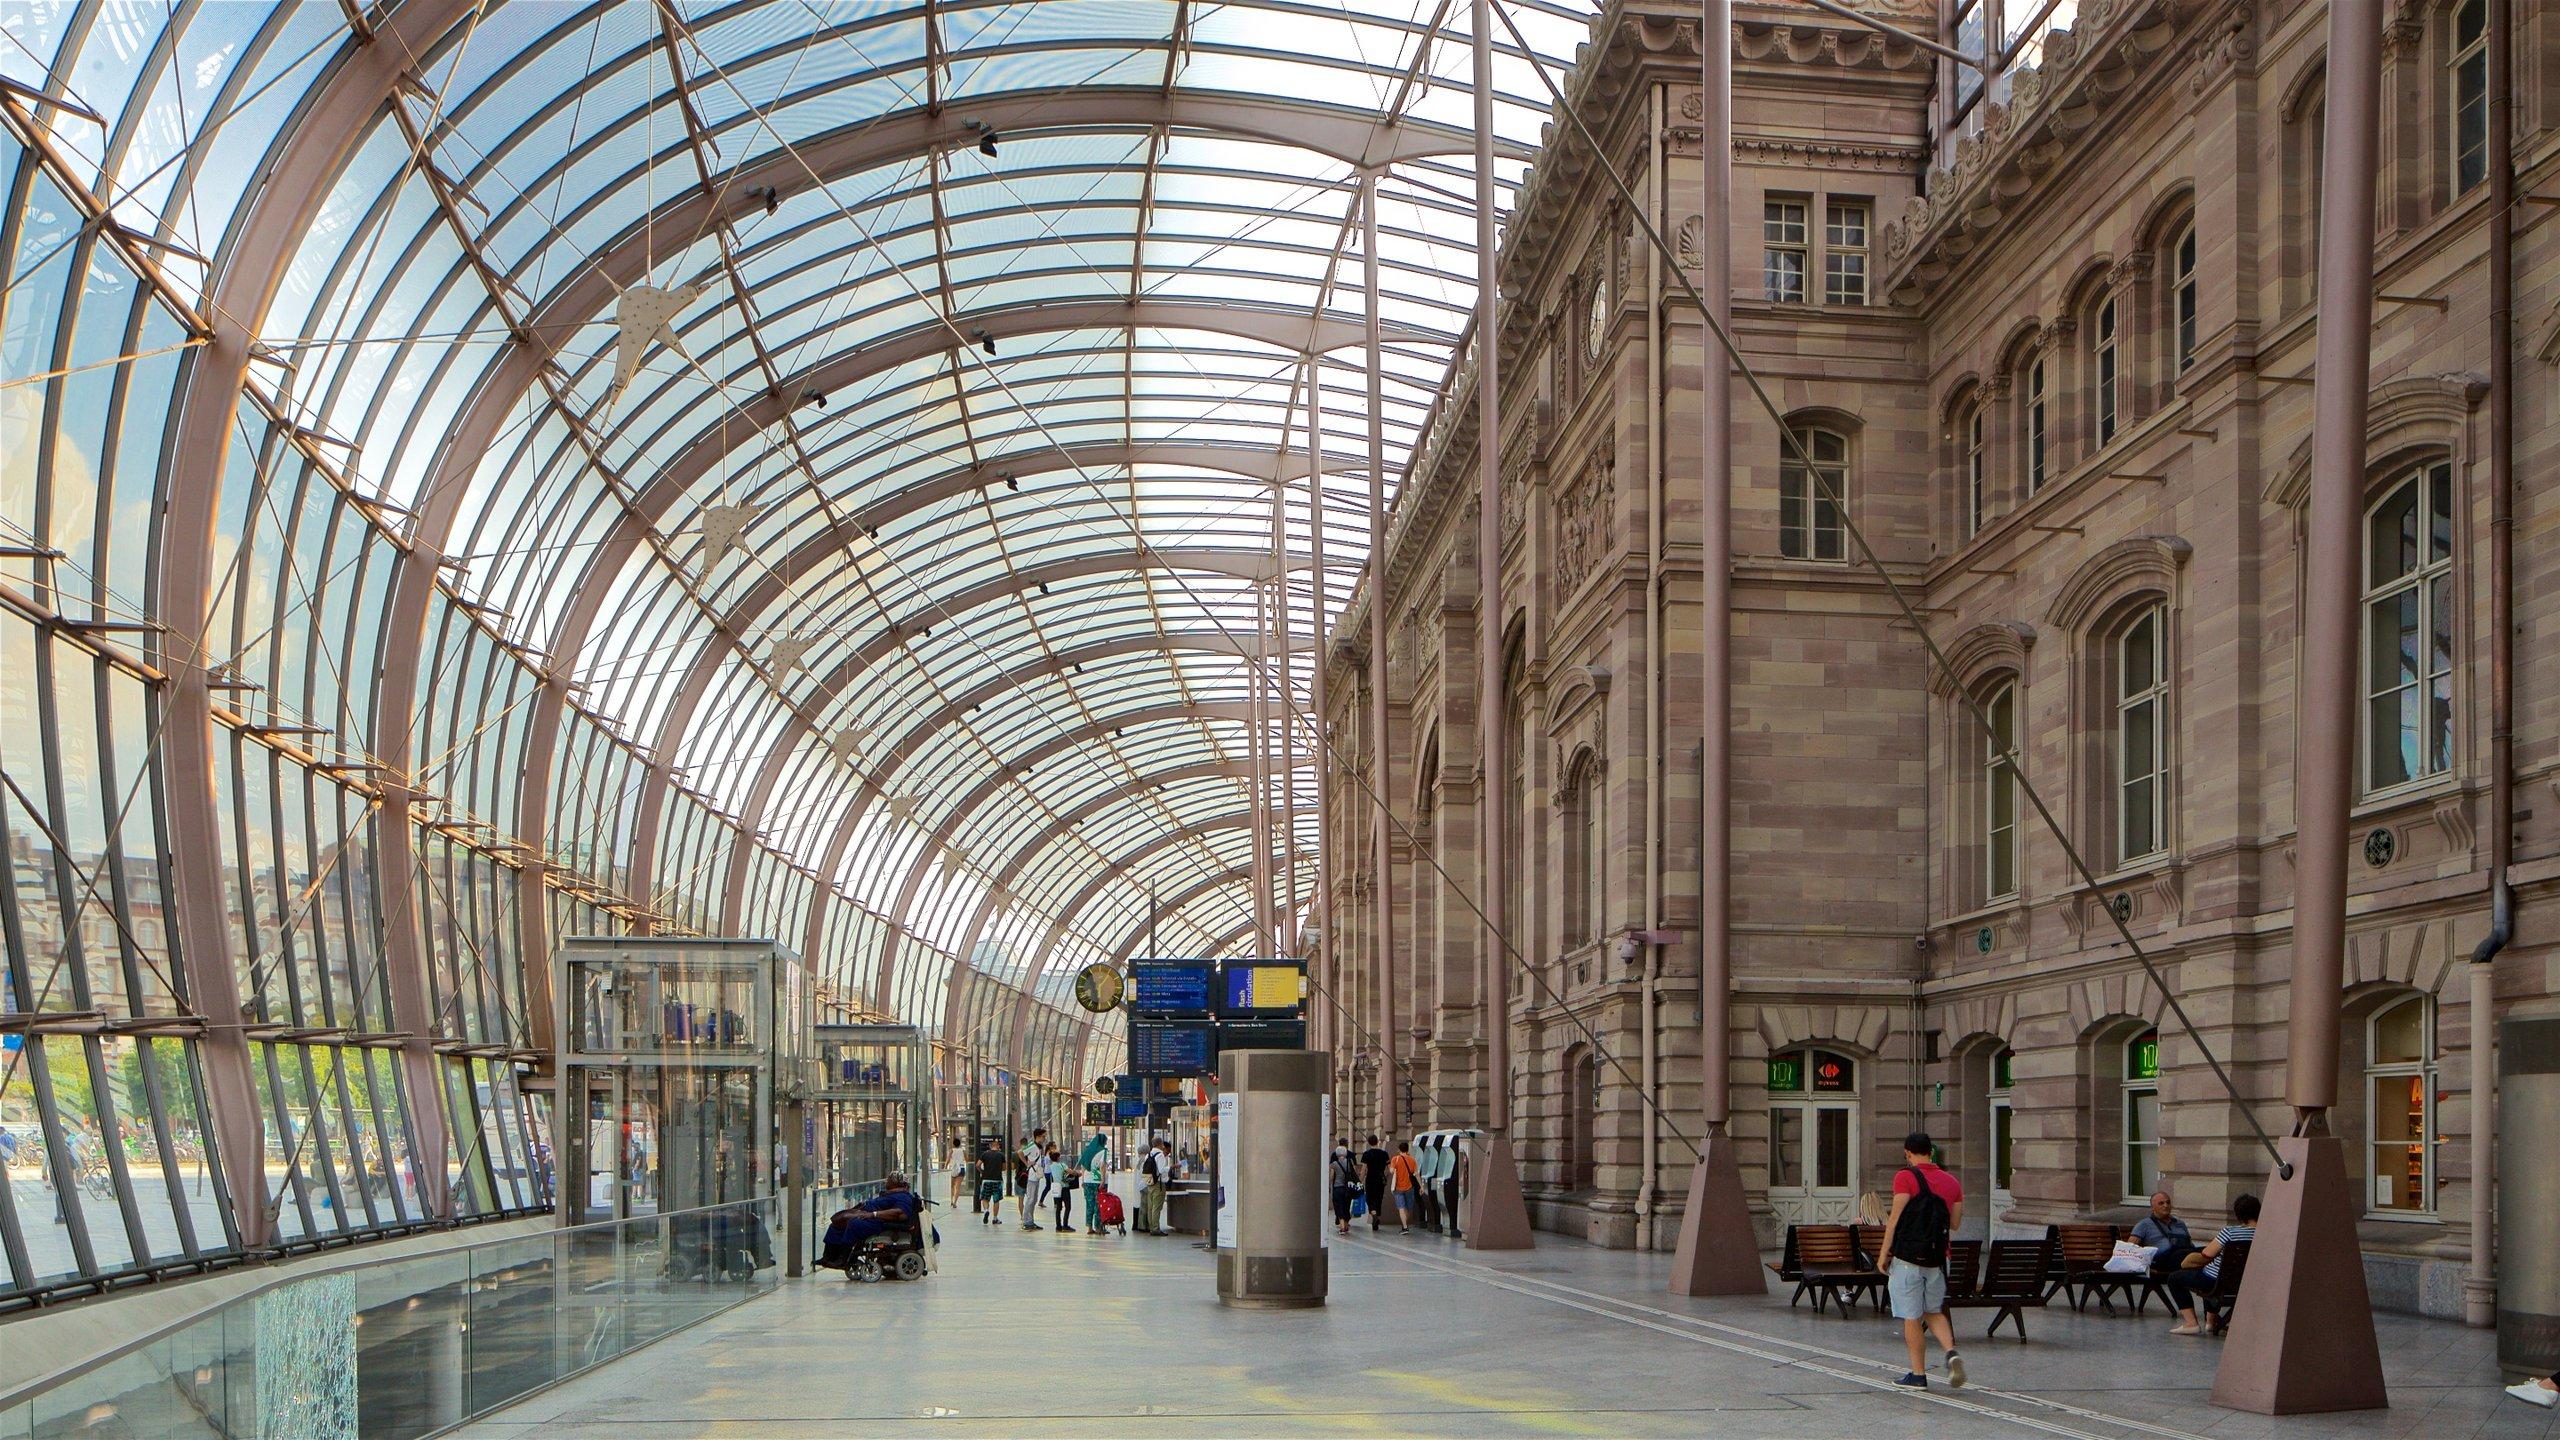 Cette place piétonne verdoyante au cœur de la ville offre une vue sur l'impressionnante gare futuriste de Strasbourg.